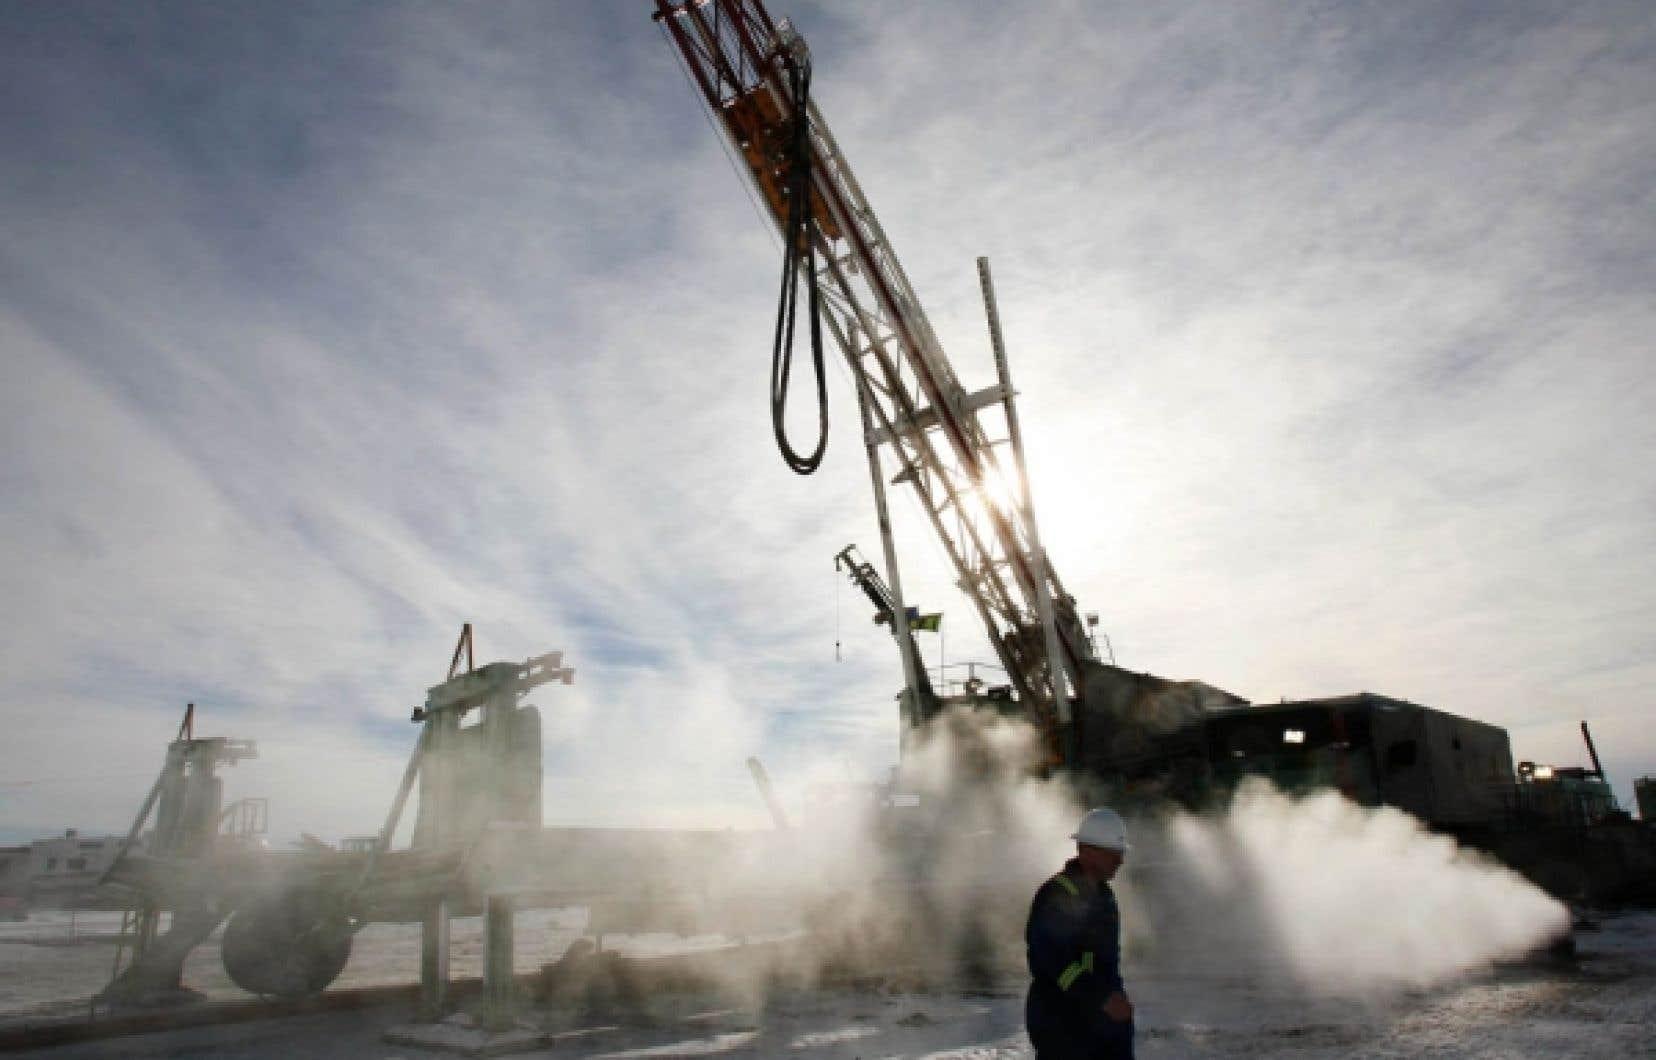 La meilleure province selon le classement de l'indice du bien-être économique en 2008 était l'Alberta, notamment en raison des revenus que lui apporte l'exploitation de ses hydrocarbures et de son taux de chômage très bas.